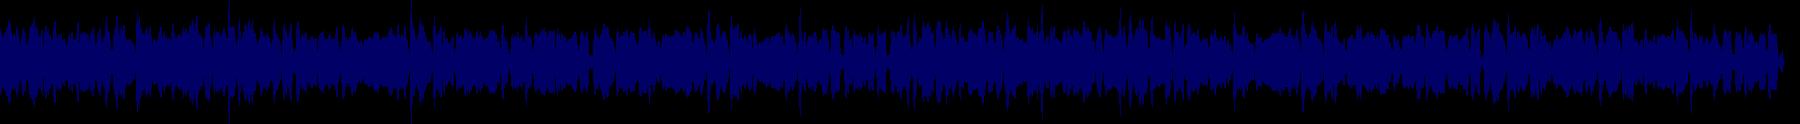 waveform of track #70398